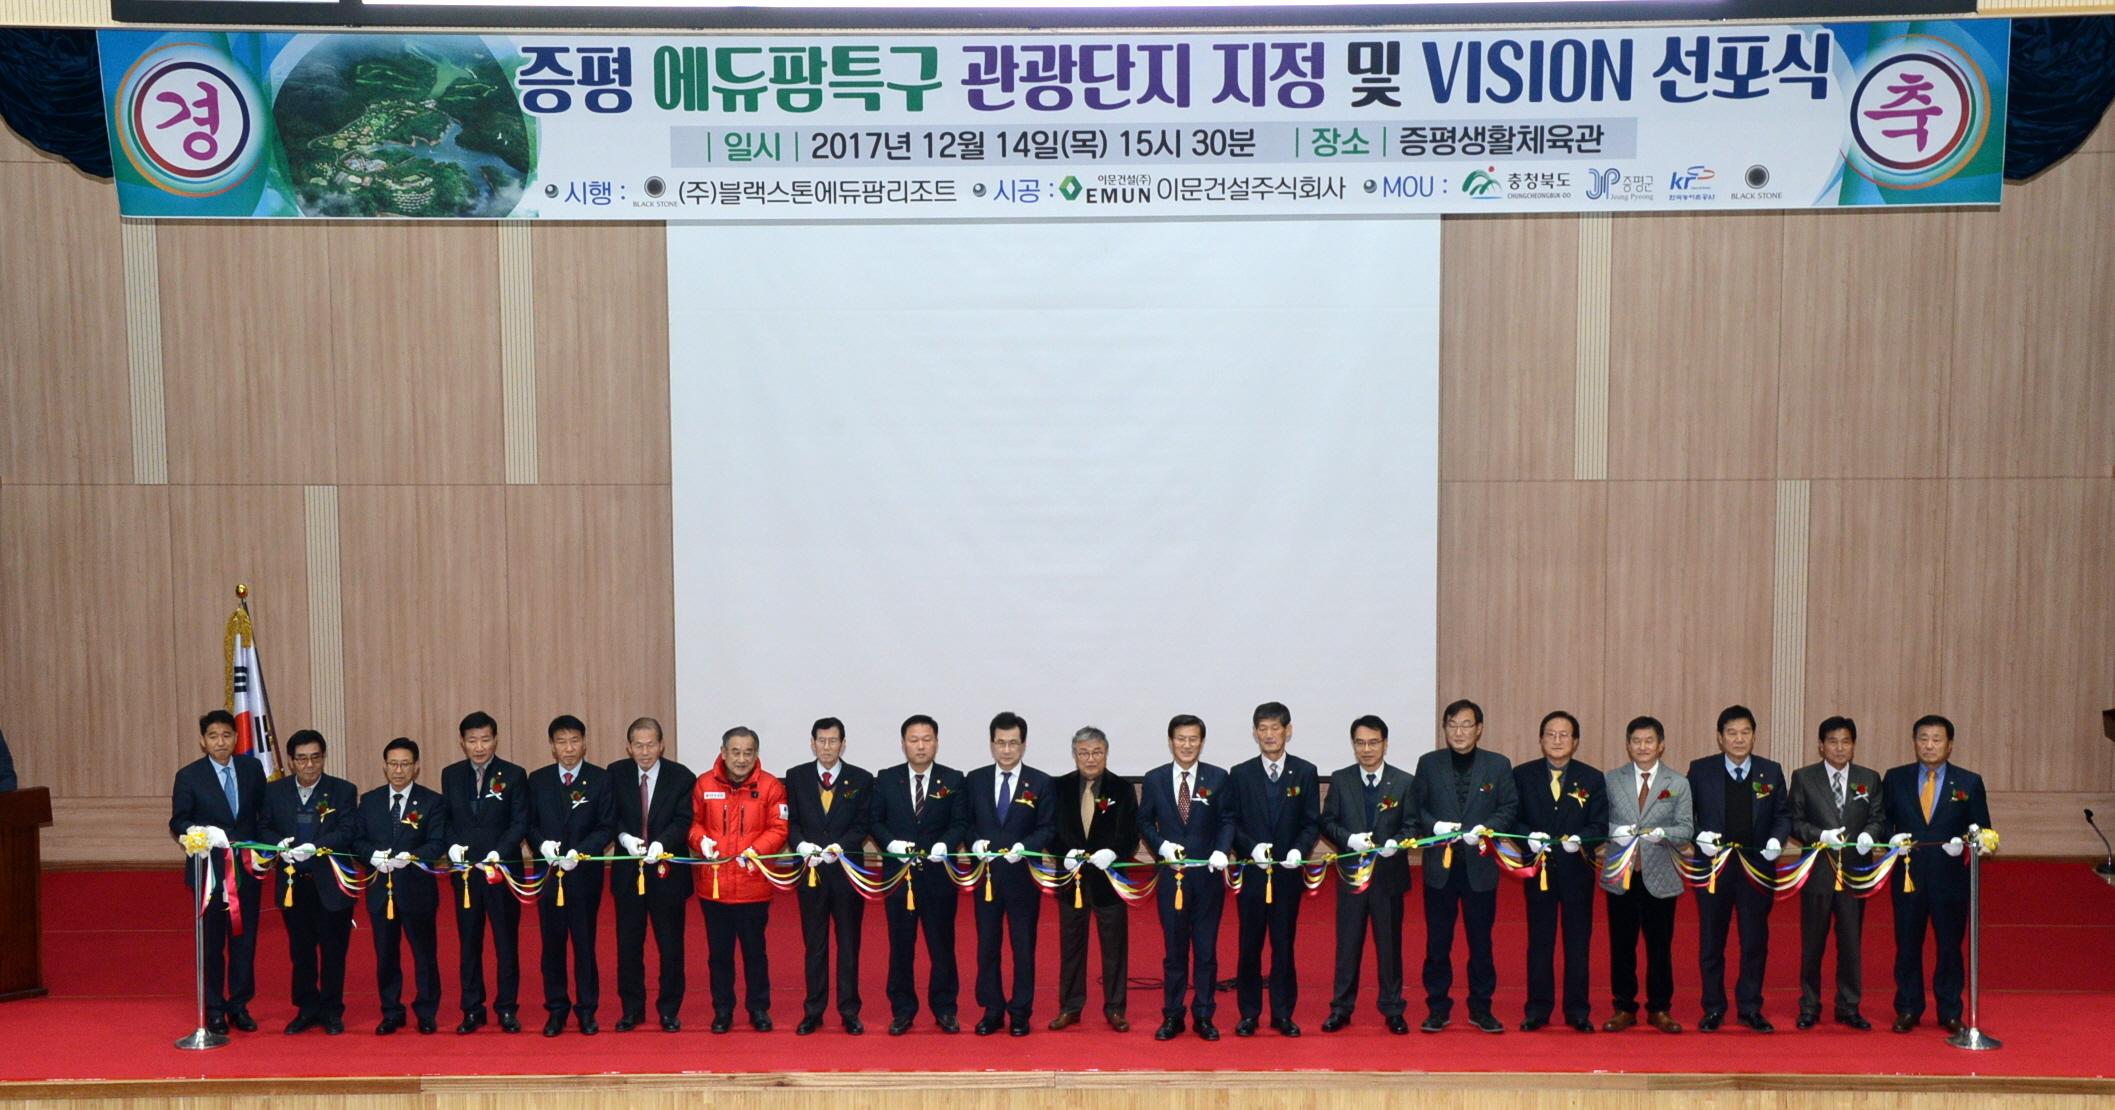 증평 에듀팜 특구 관광단지 지정 및 비전선포식을 개최 [이미지]